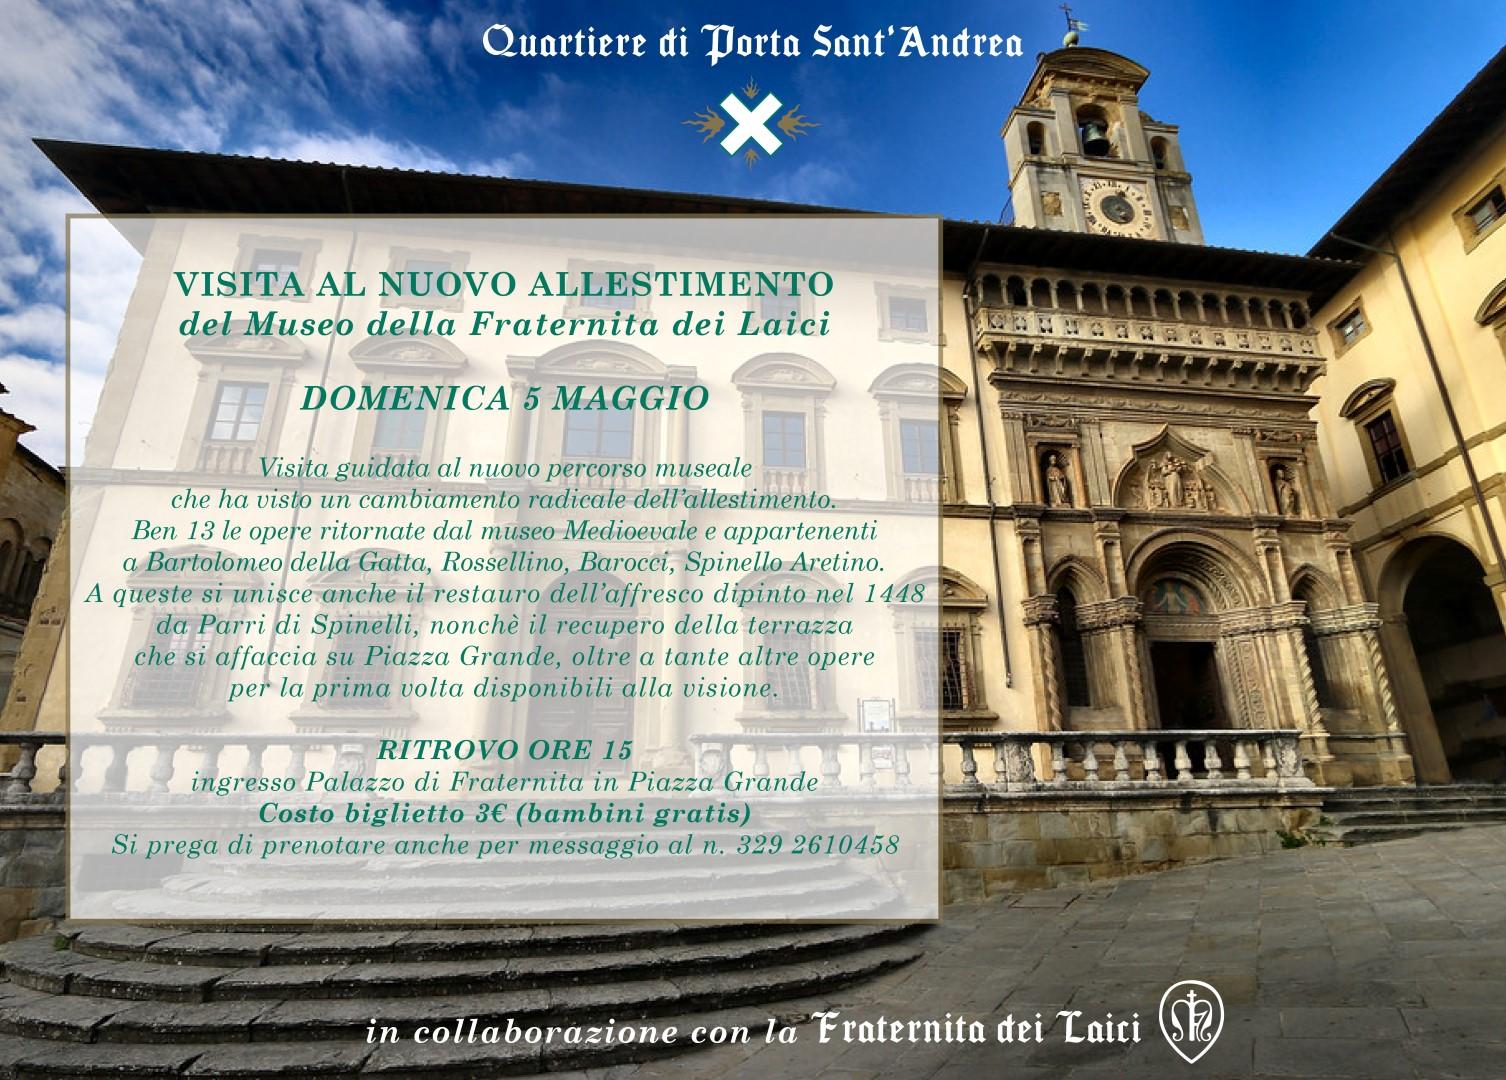 Porta Sant'Andrea: domenica 5 maggio la visita al nuovo allestimento del Museo di Fraternita